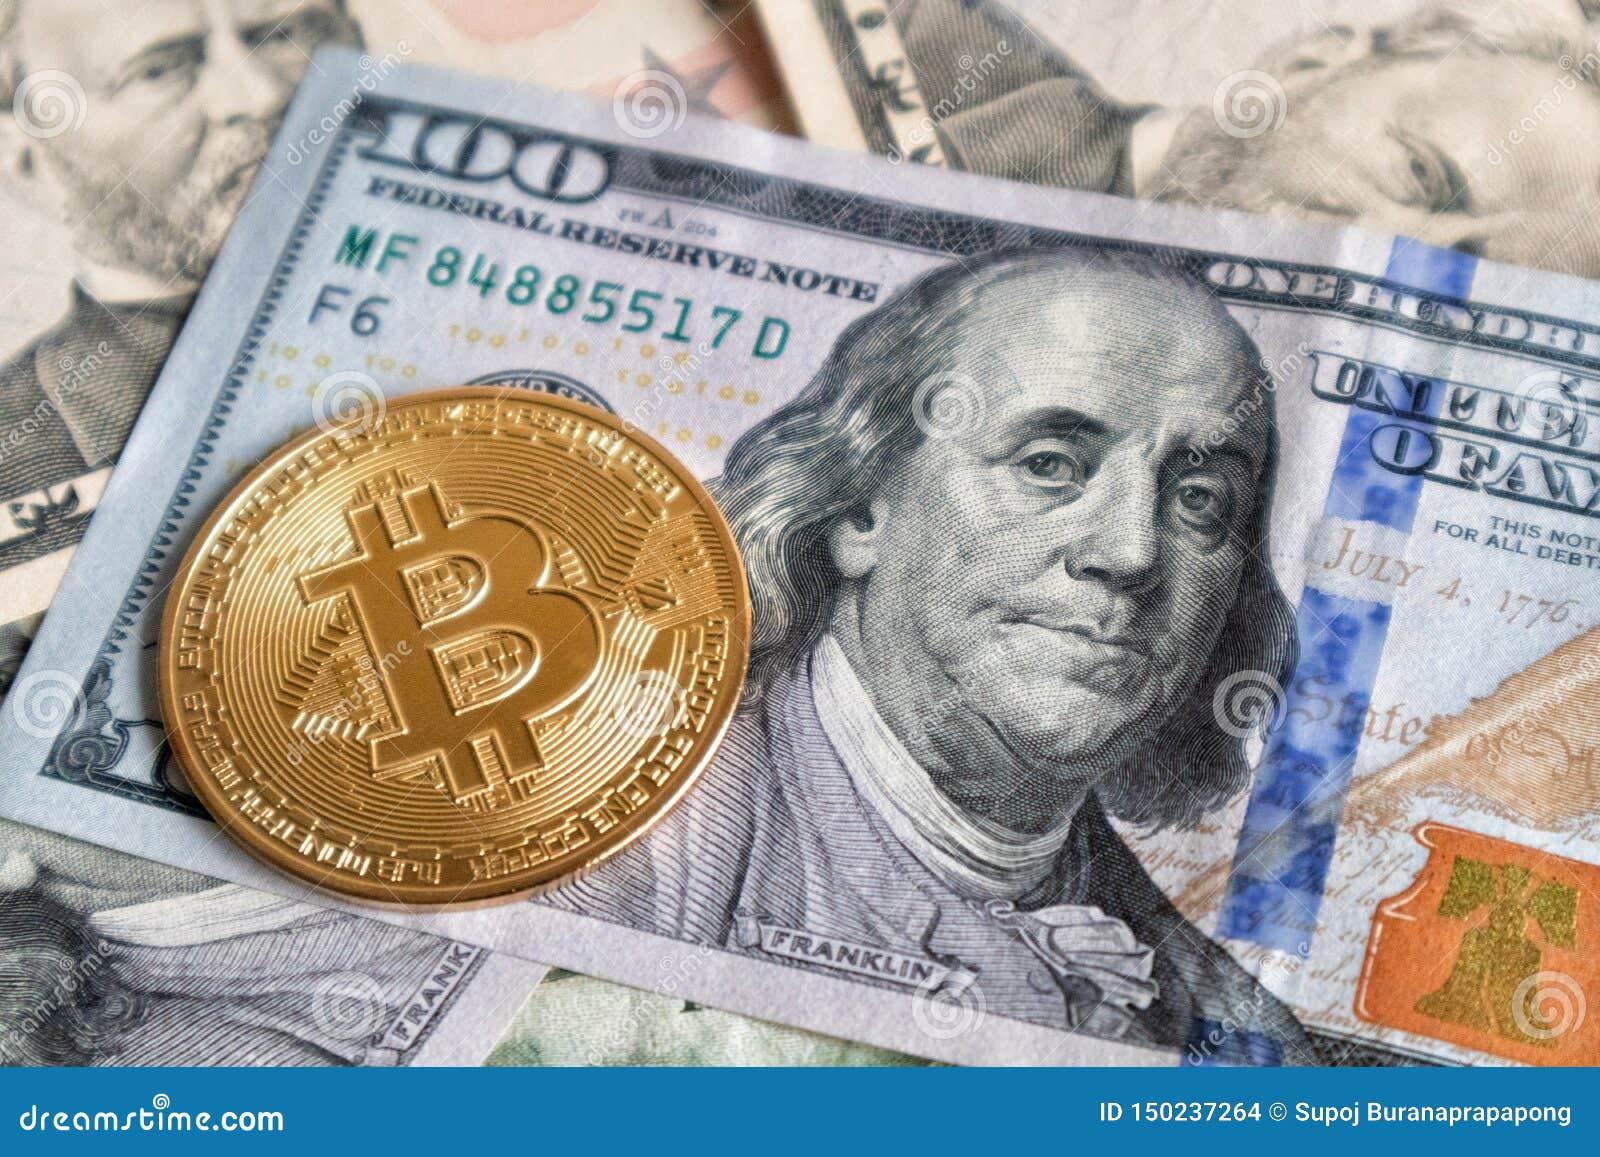 cme bitcoin futures how to trade futuro mercato bitcoin